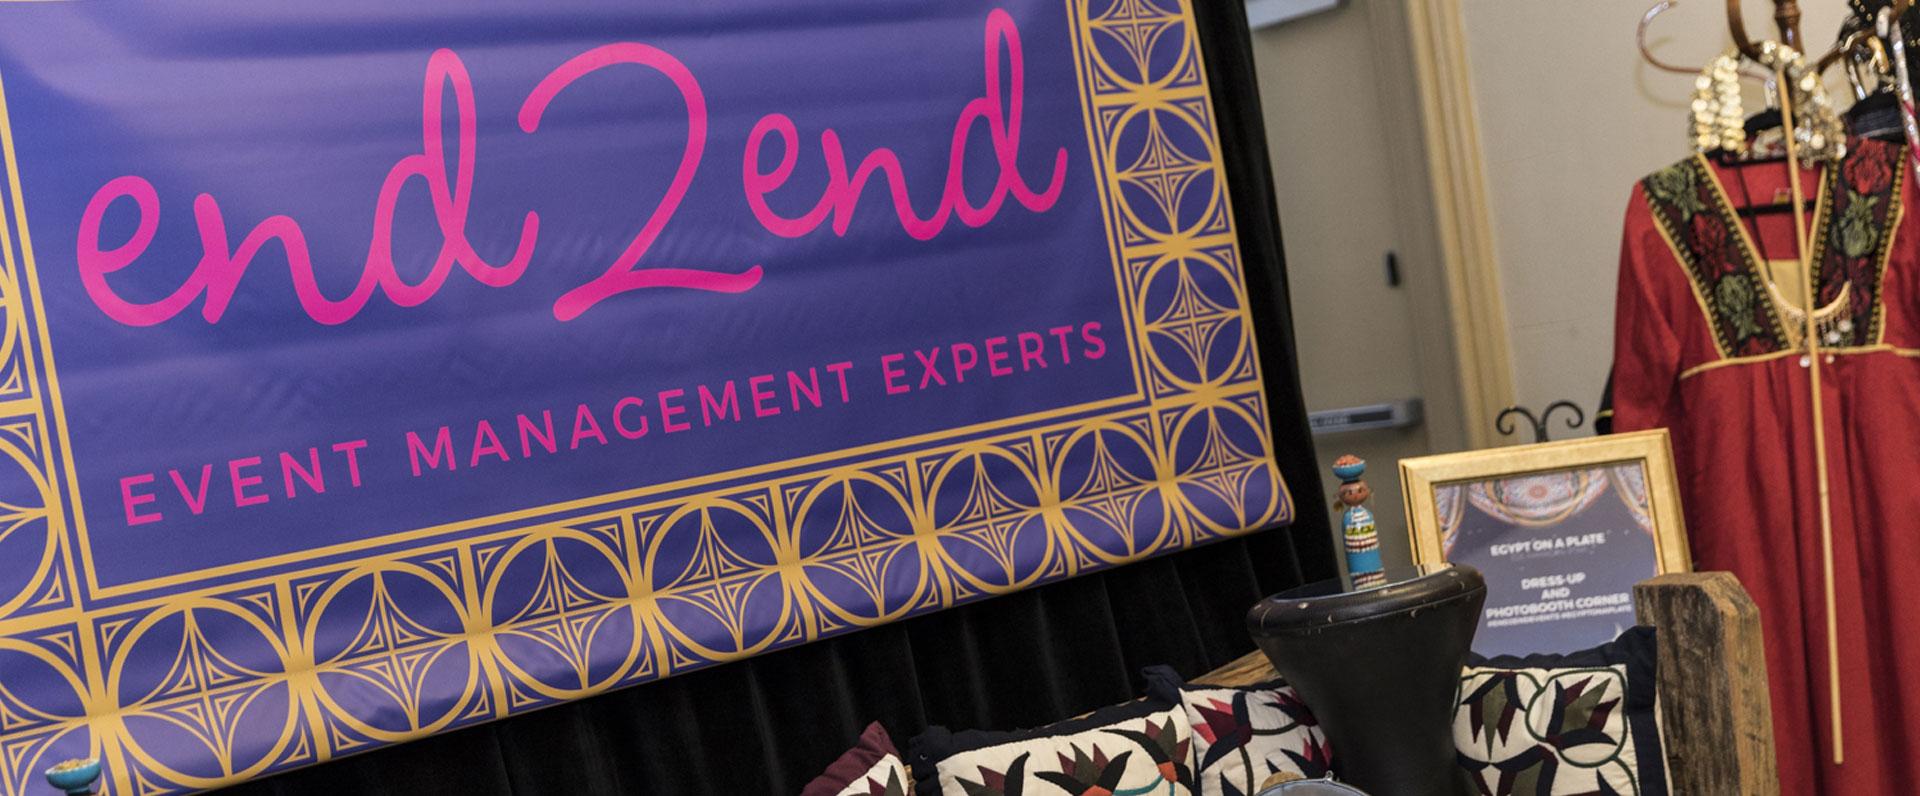 event management expert